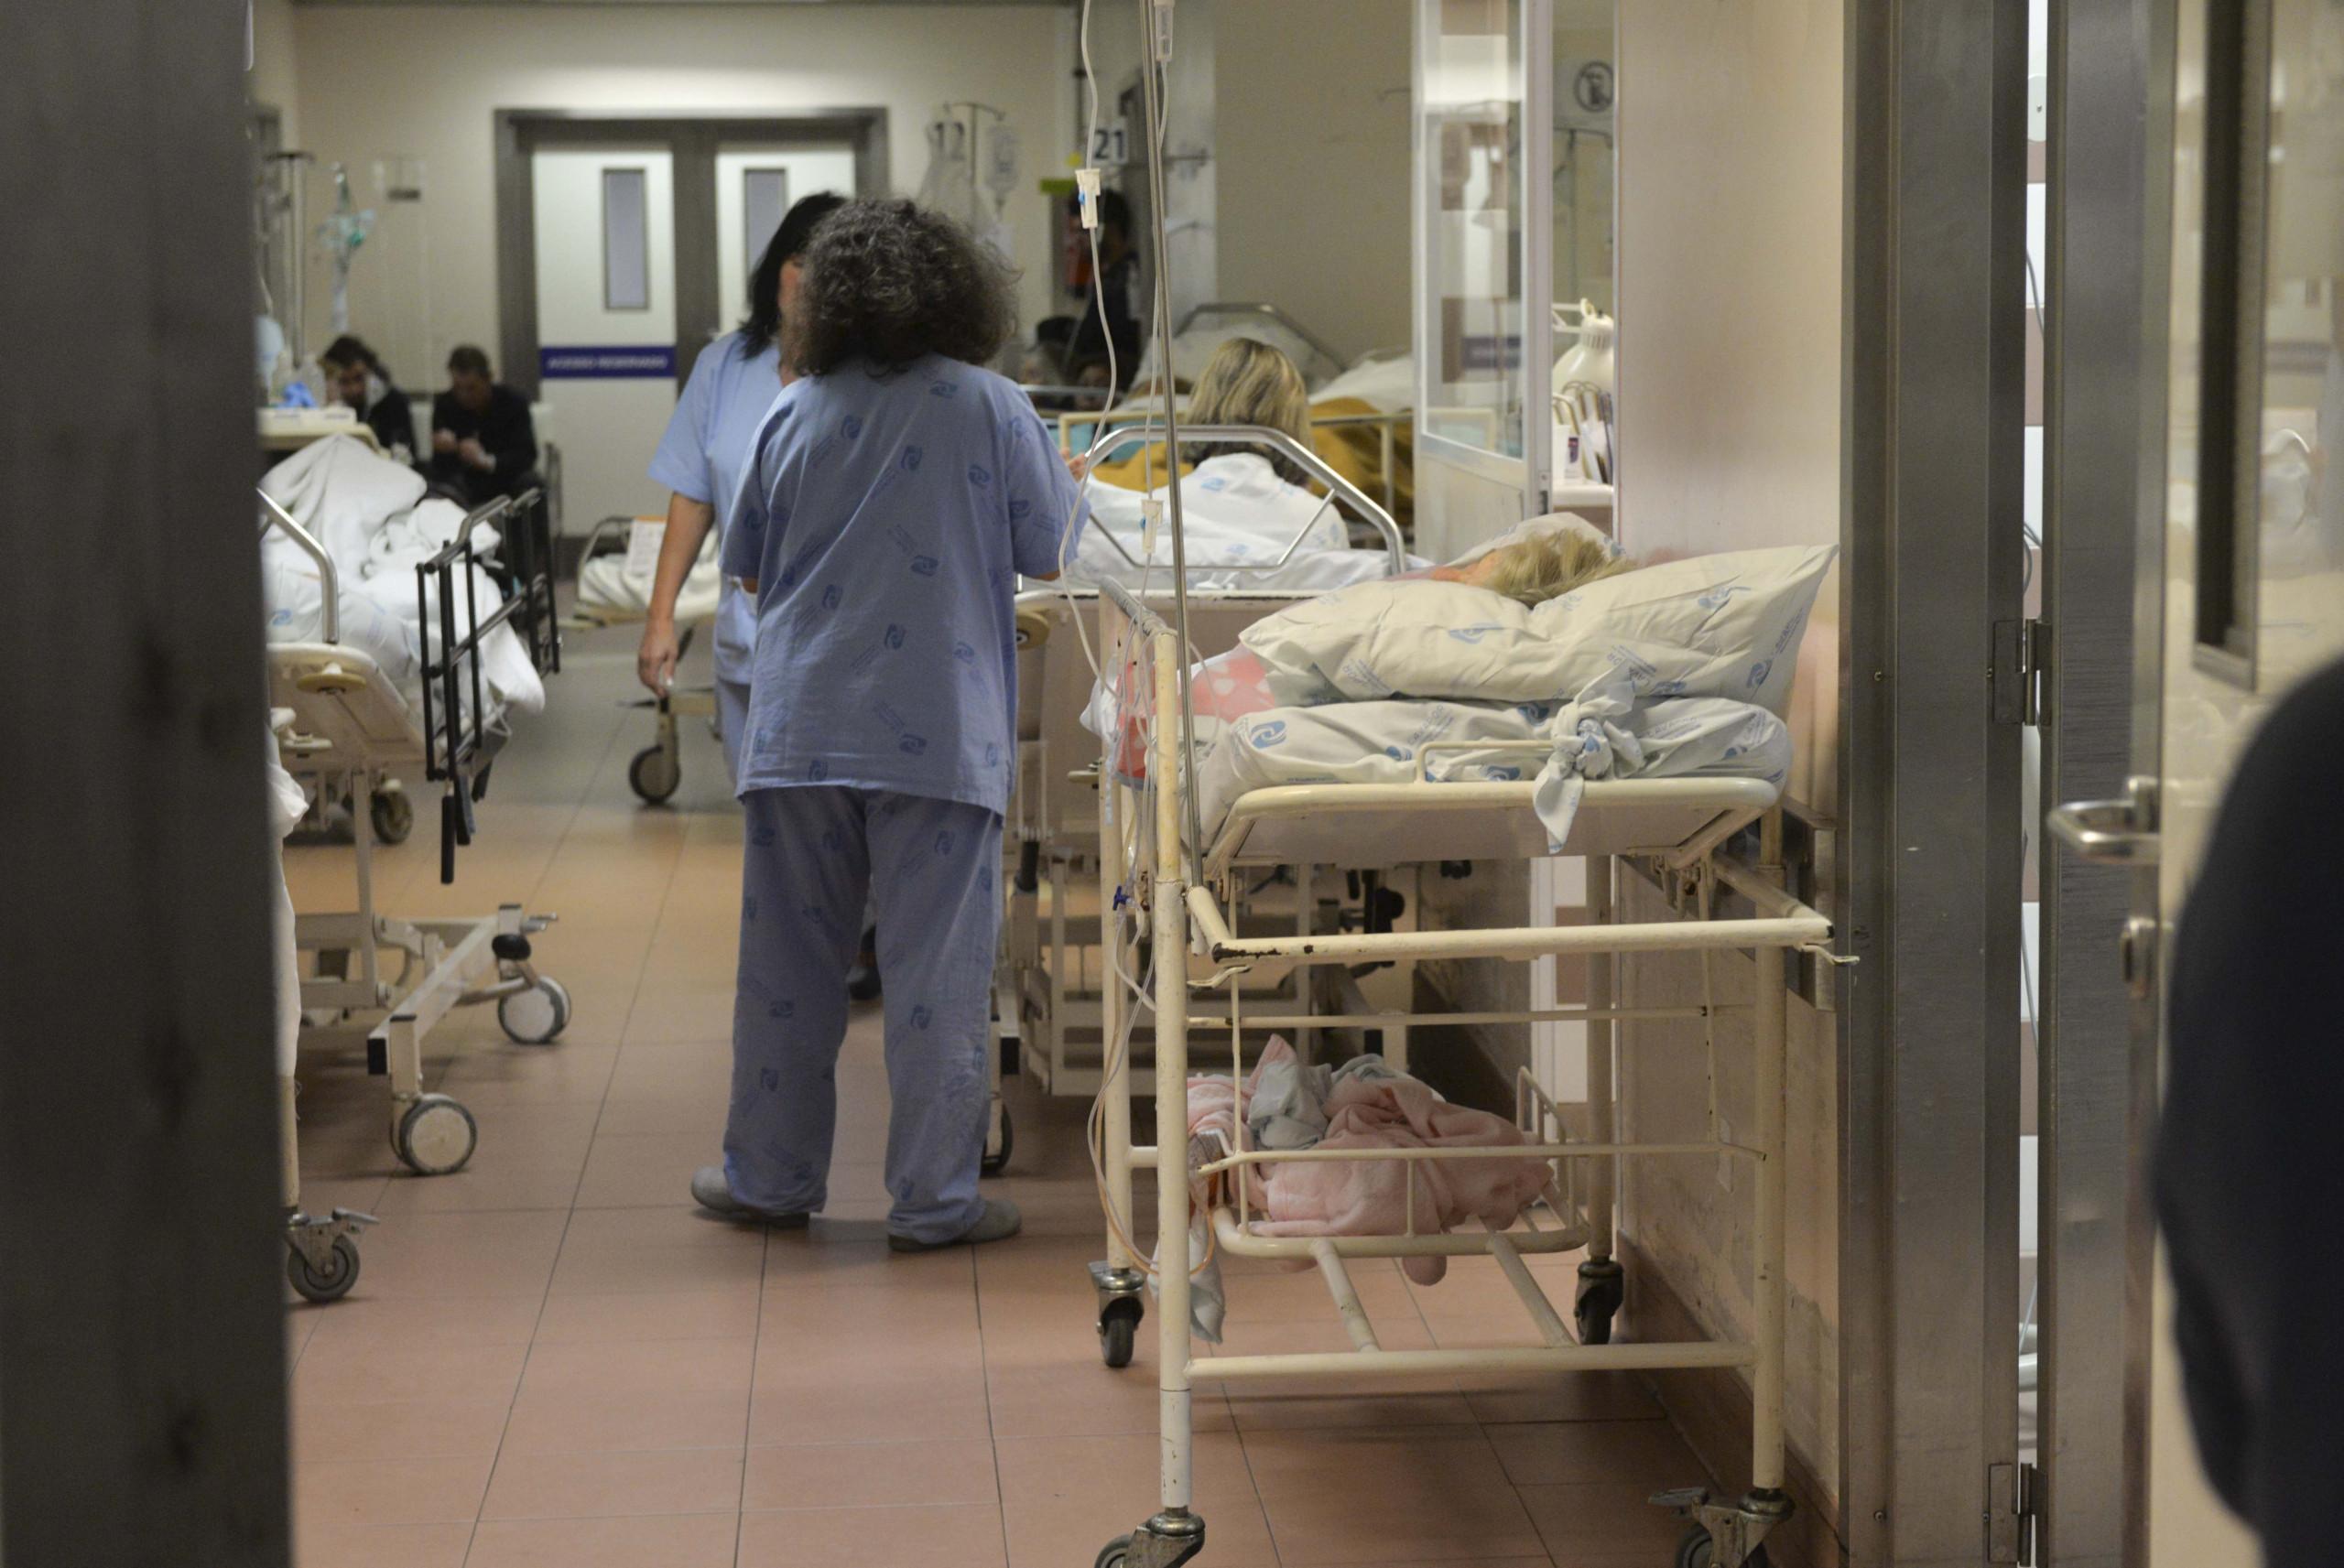 Hospitais públicos fazem maioria dos atendimentos, mas privados a crescer